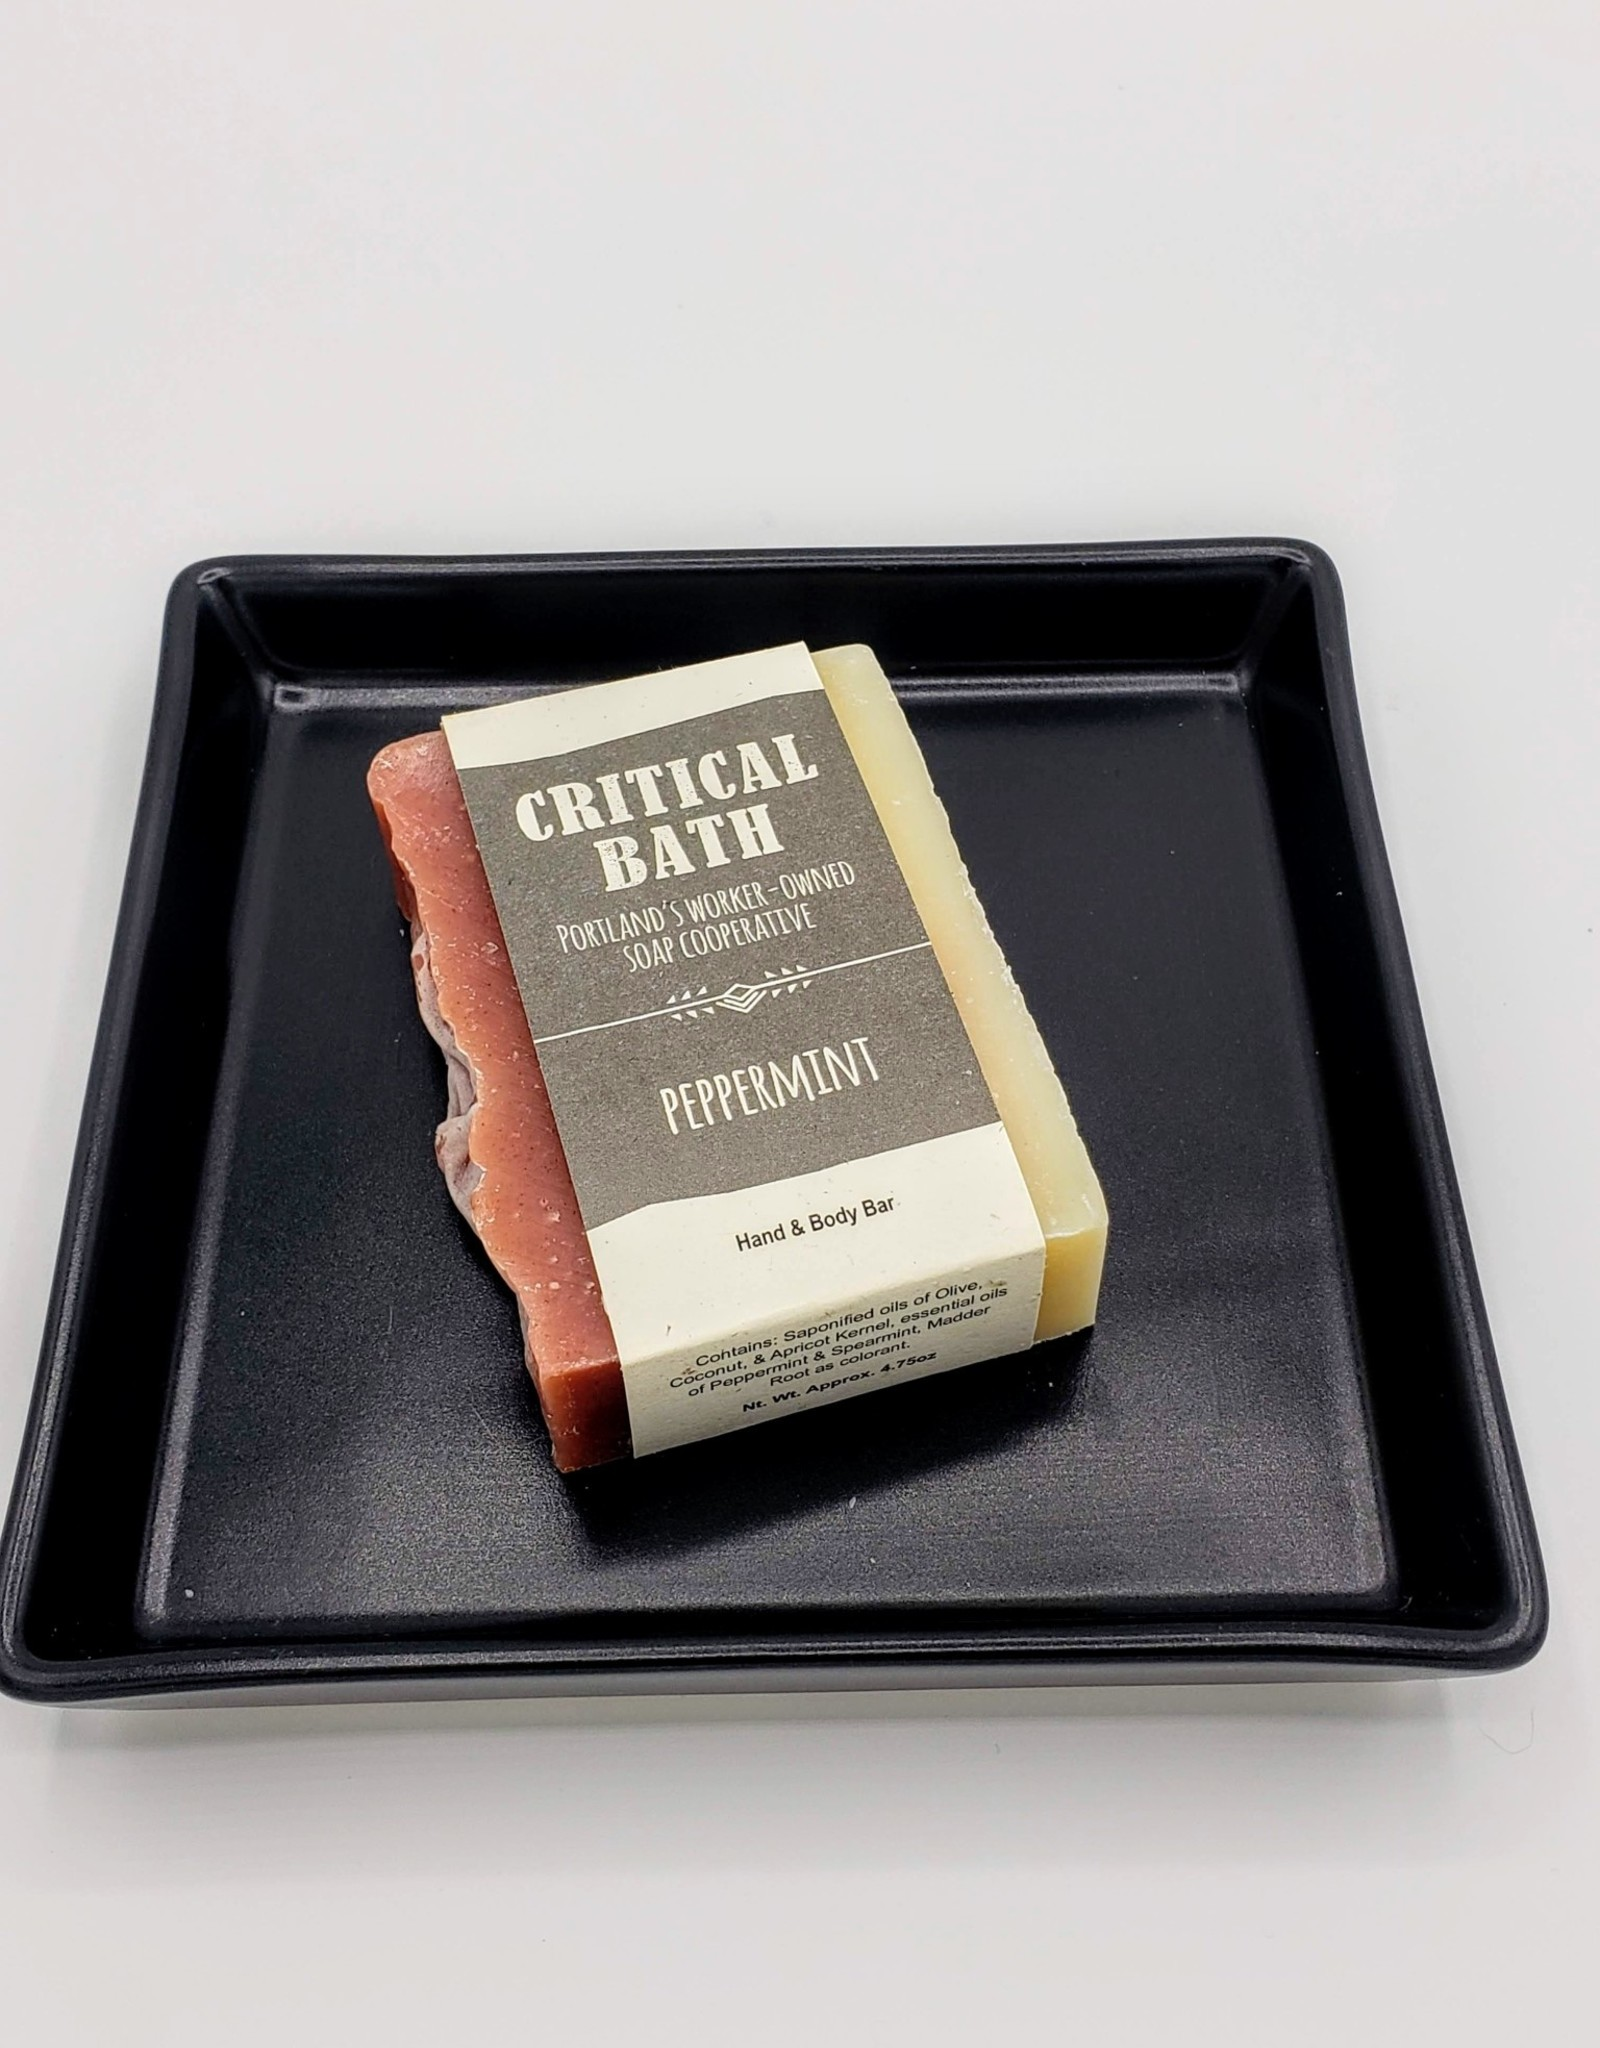 Critical Bath Critical Bath Peppermint Handmade Soap